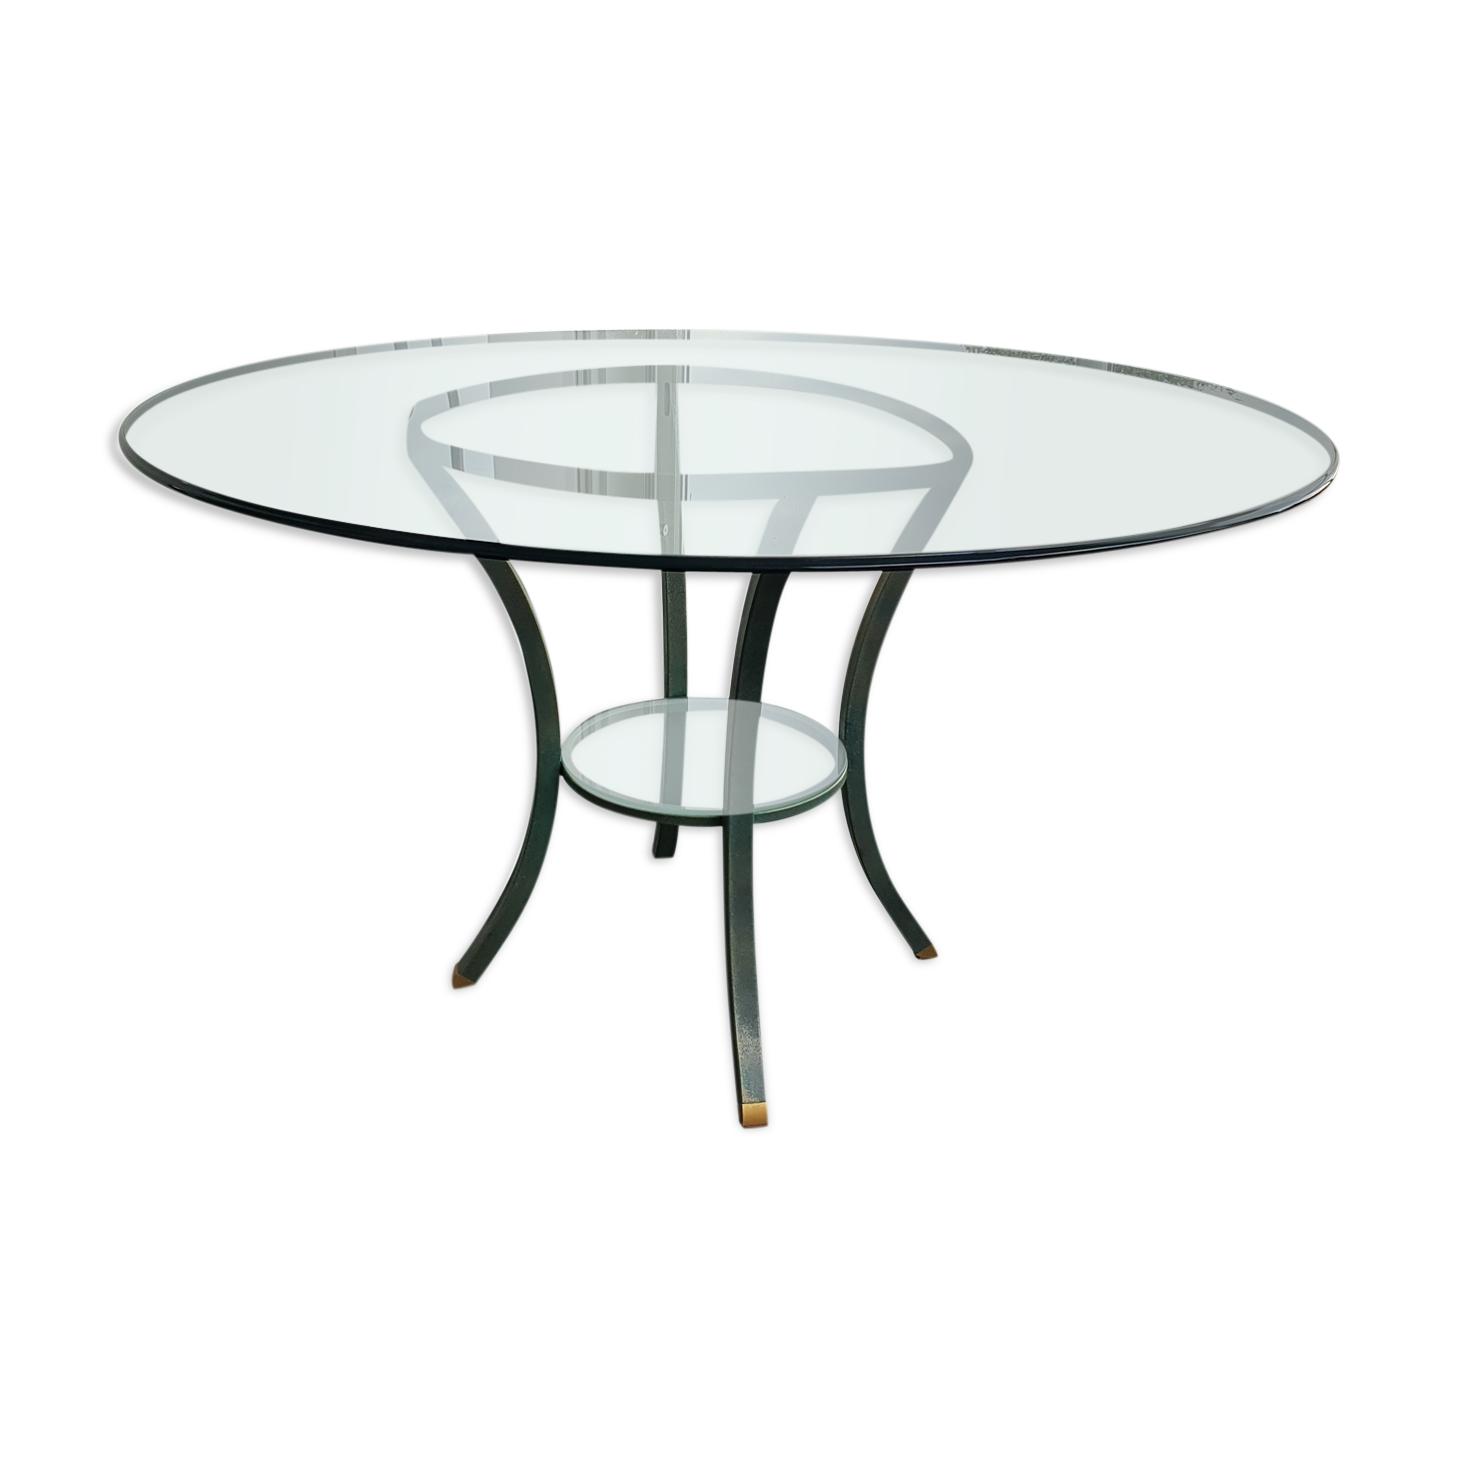 Table ronde de Pierre Vandel Paris